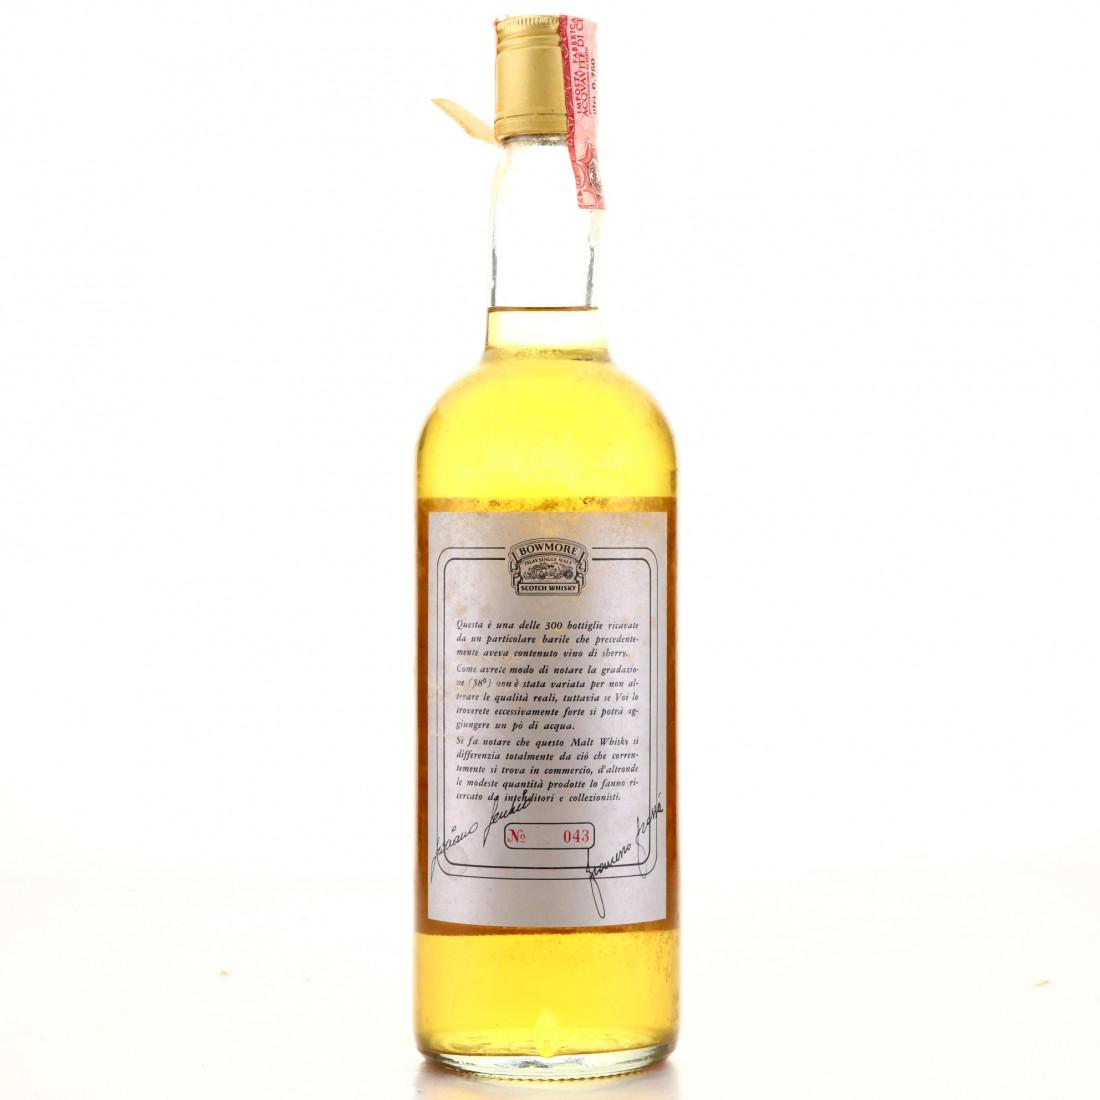 Bowmore 1969 Single Cask #6635 for Edoardo Giaccone/ Fecchio & Frassa Import